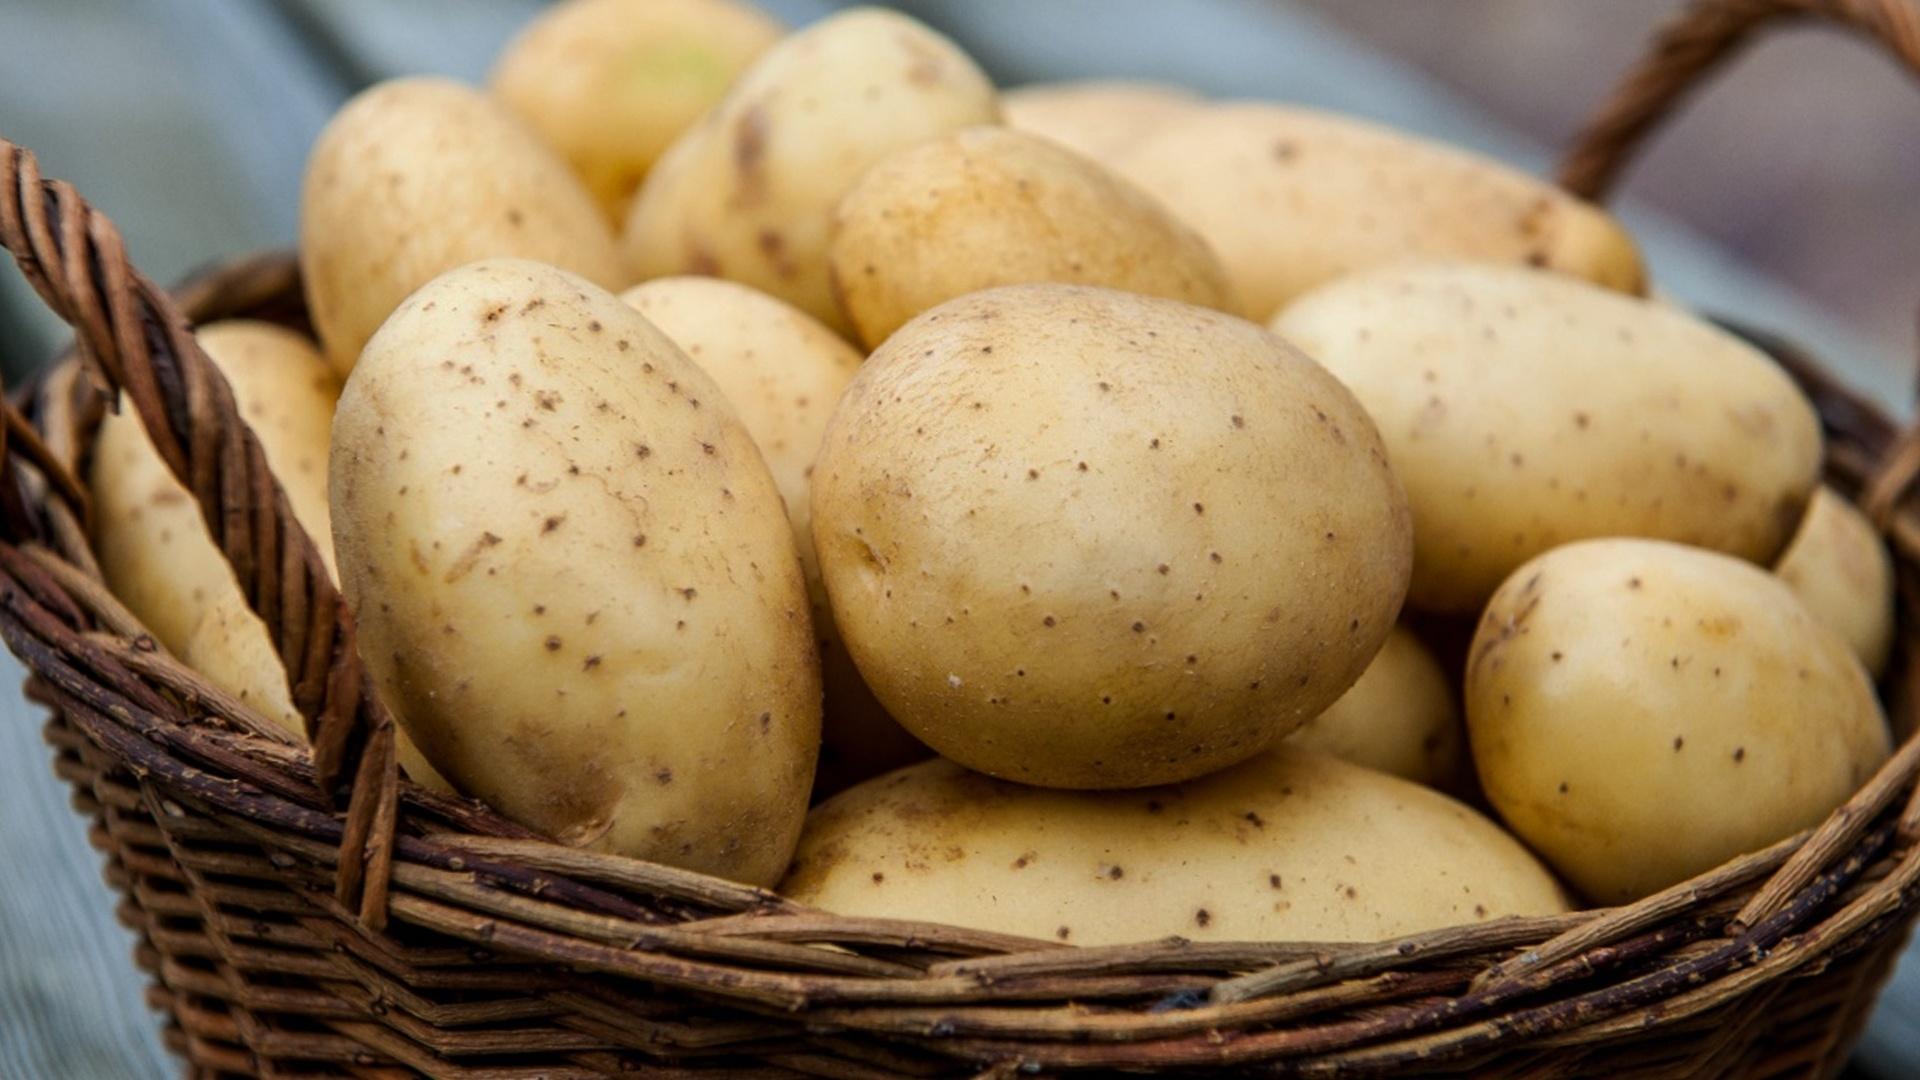 Potatoes a wallpaper